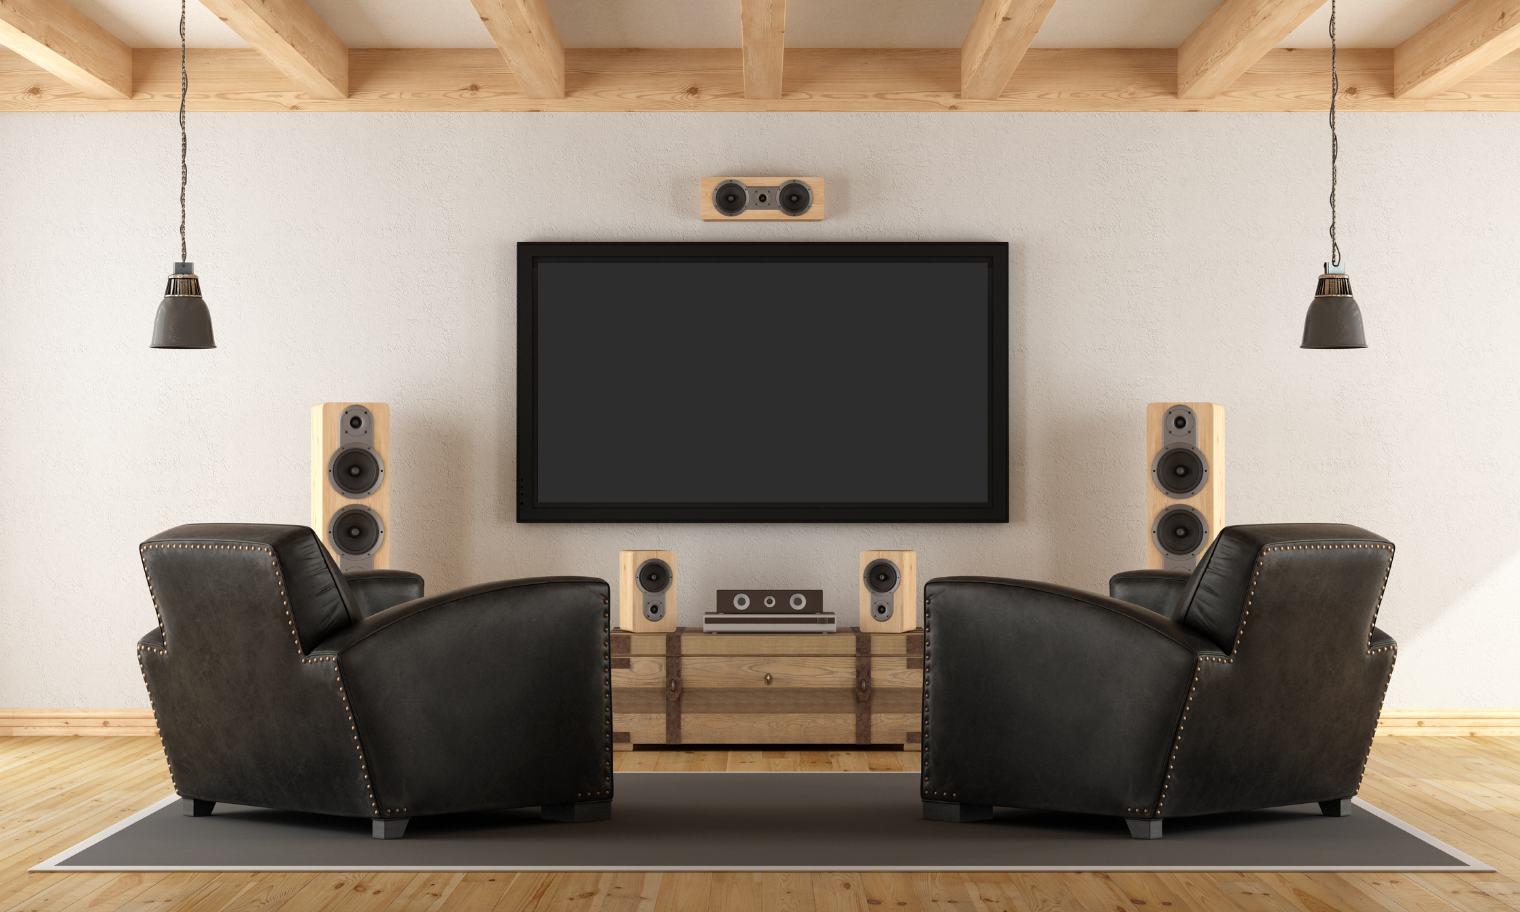 Heimkinoanlage: Die besten Systeme für deinen TV